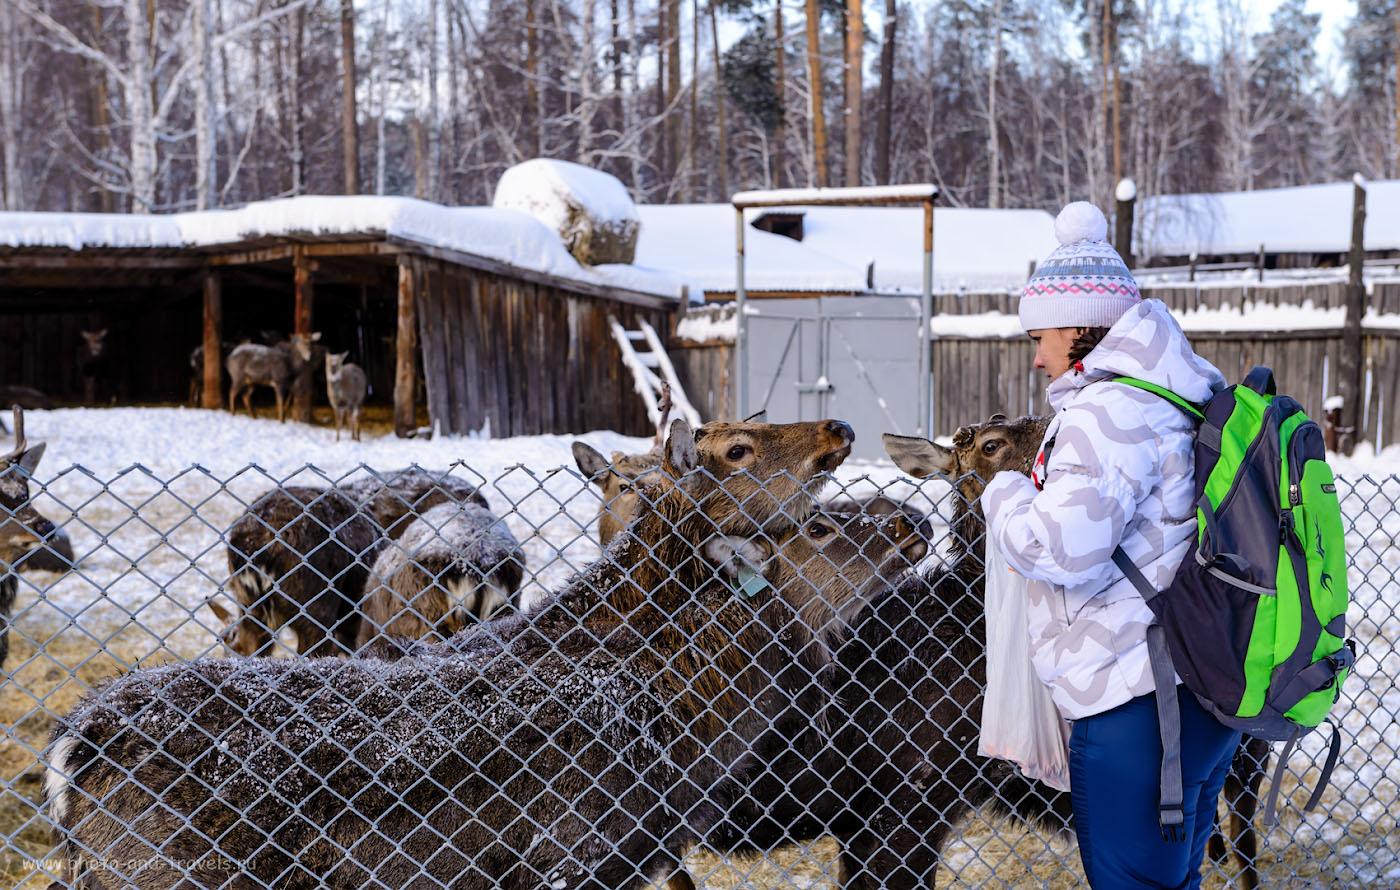 Фото 3. Оленья ферма. Рассказы об экскурсии на новогодние праздники. 1/125, 6.3, 100, 60.